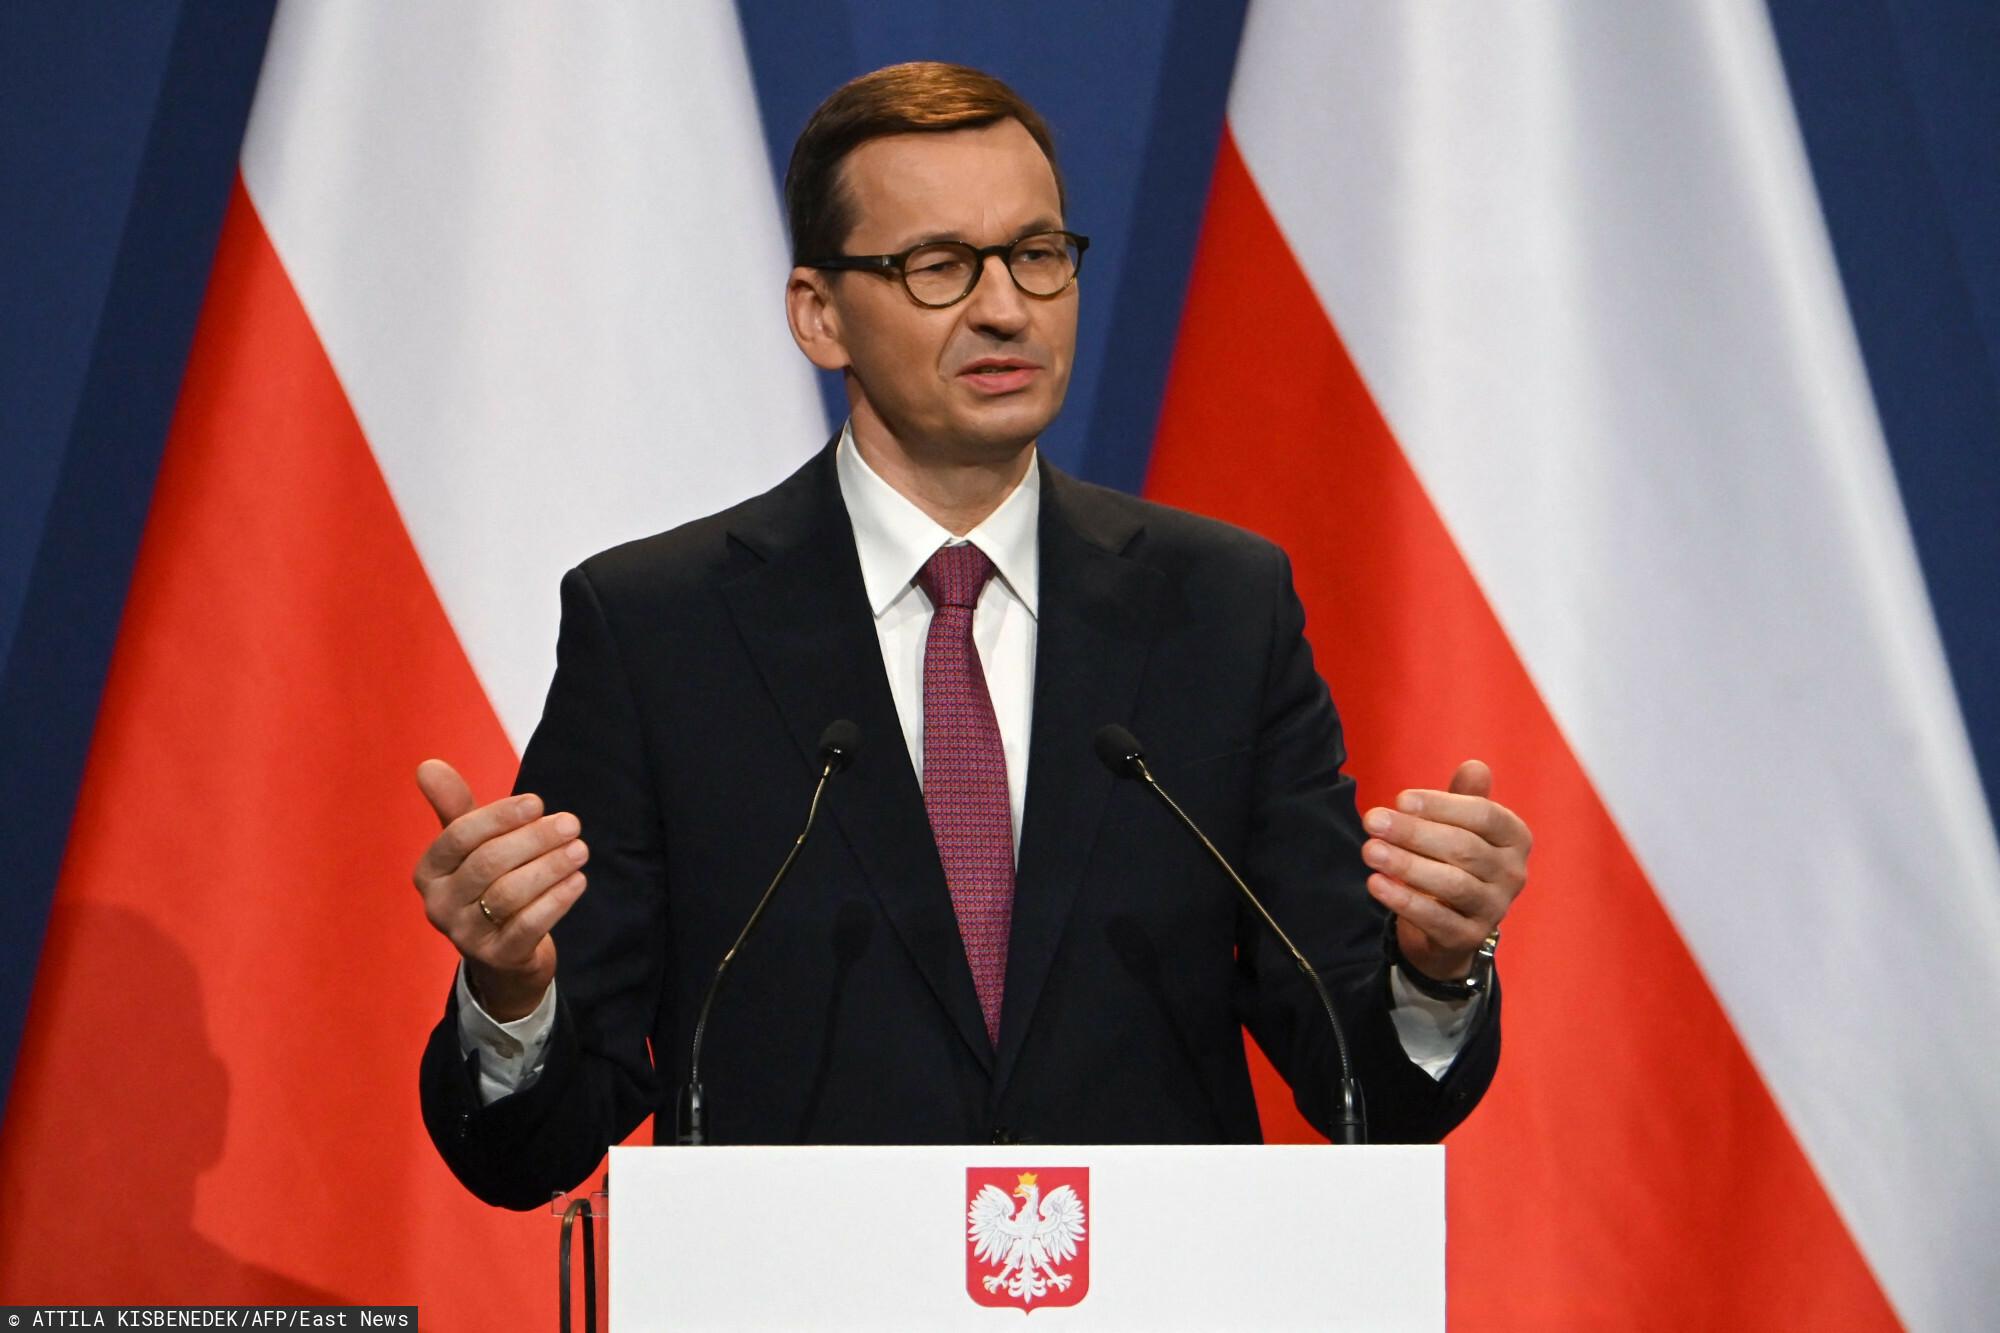 Mateusz Morawiecki - KRUS